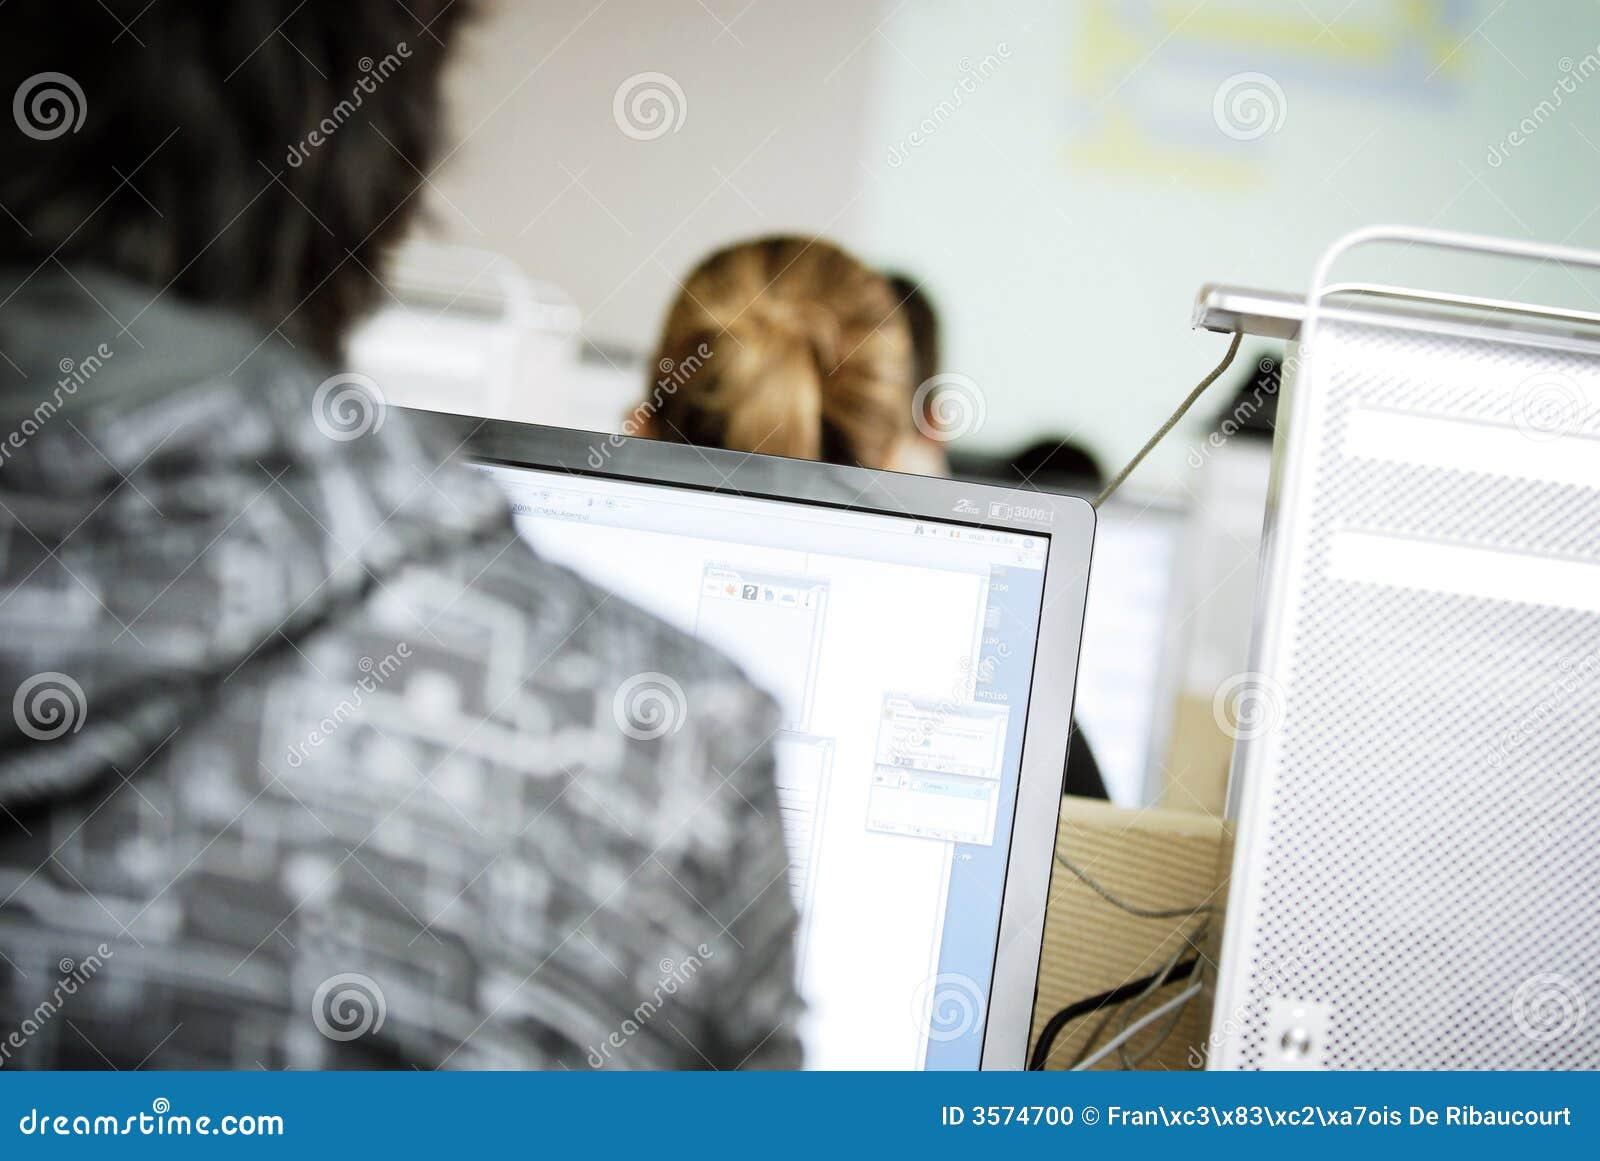 Clase del ordenador en curso